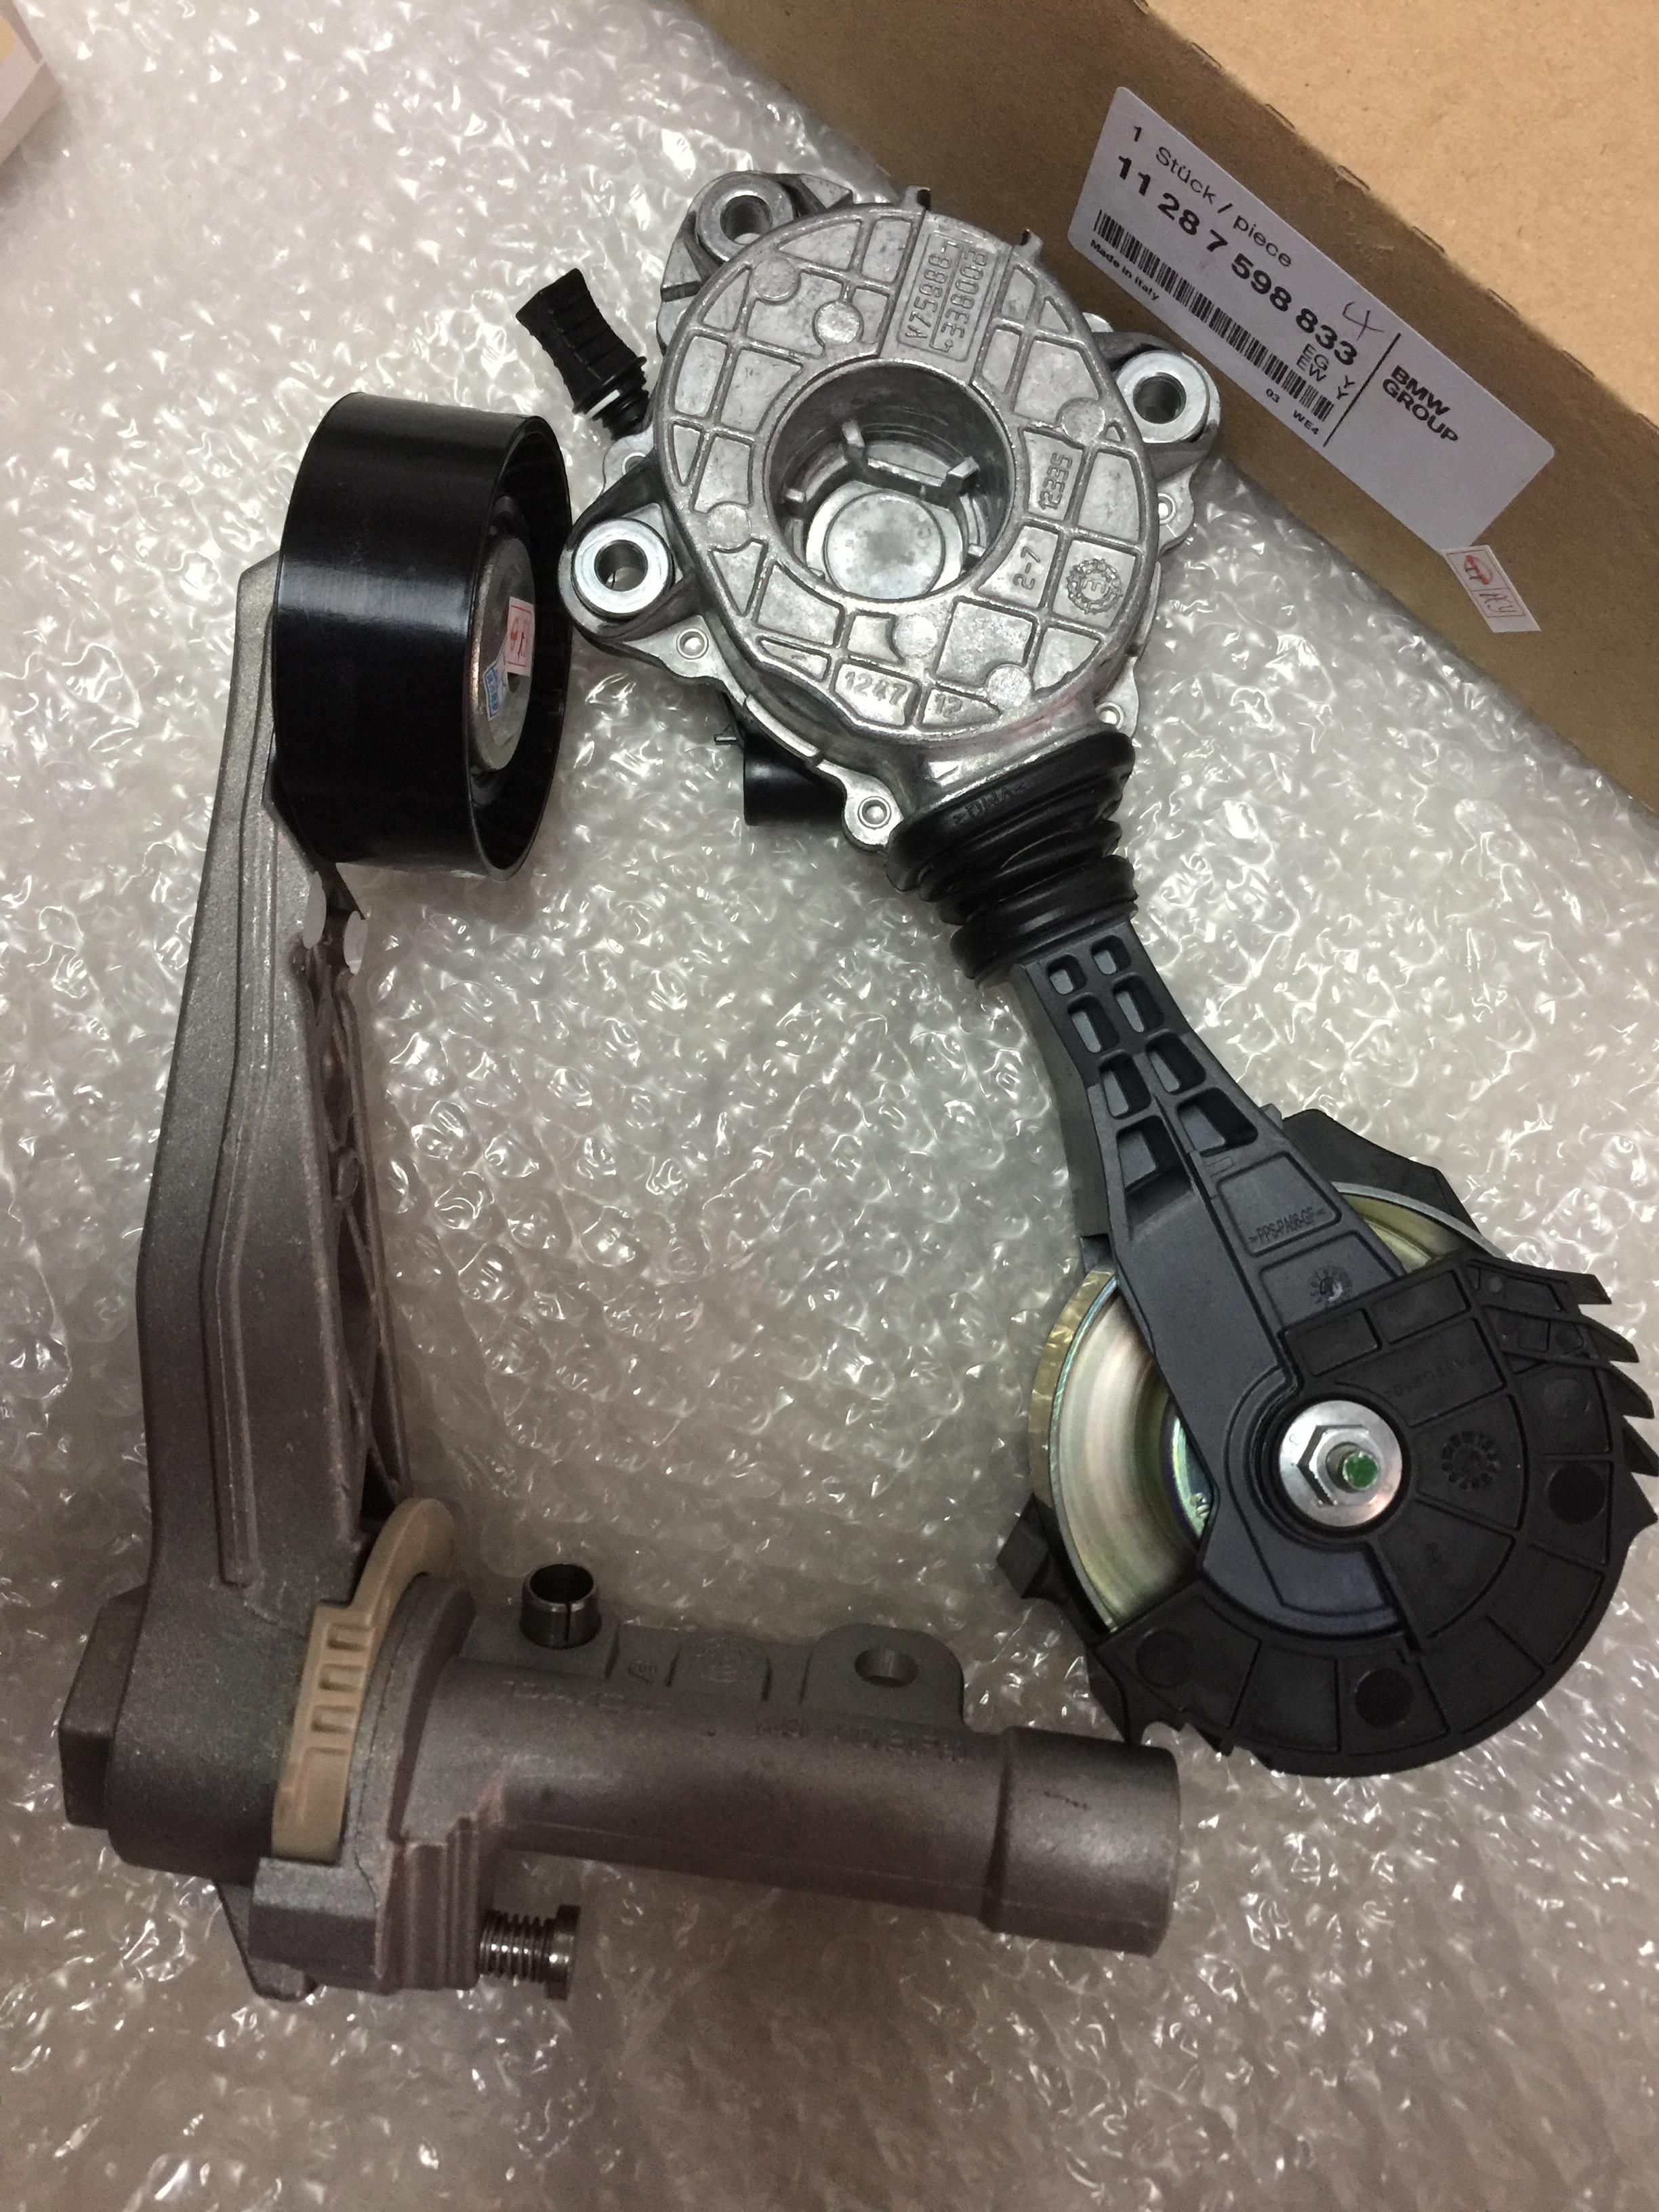 Η BMW μίνι γεννήτρια ζώνη R56R57R58R60 σφιχτά μετάβαση σε ανεκτά τροχό